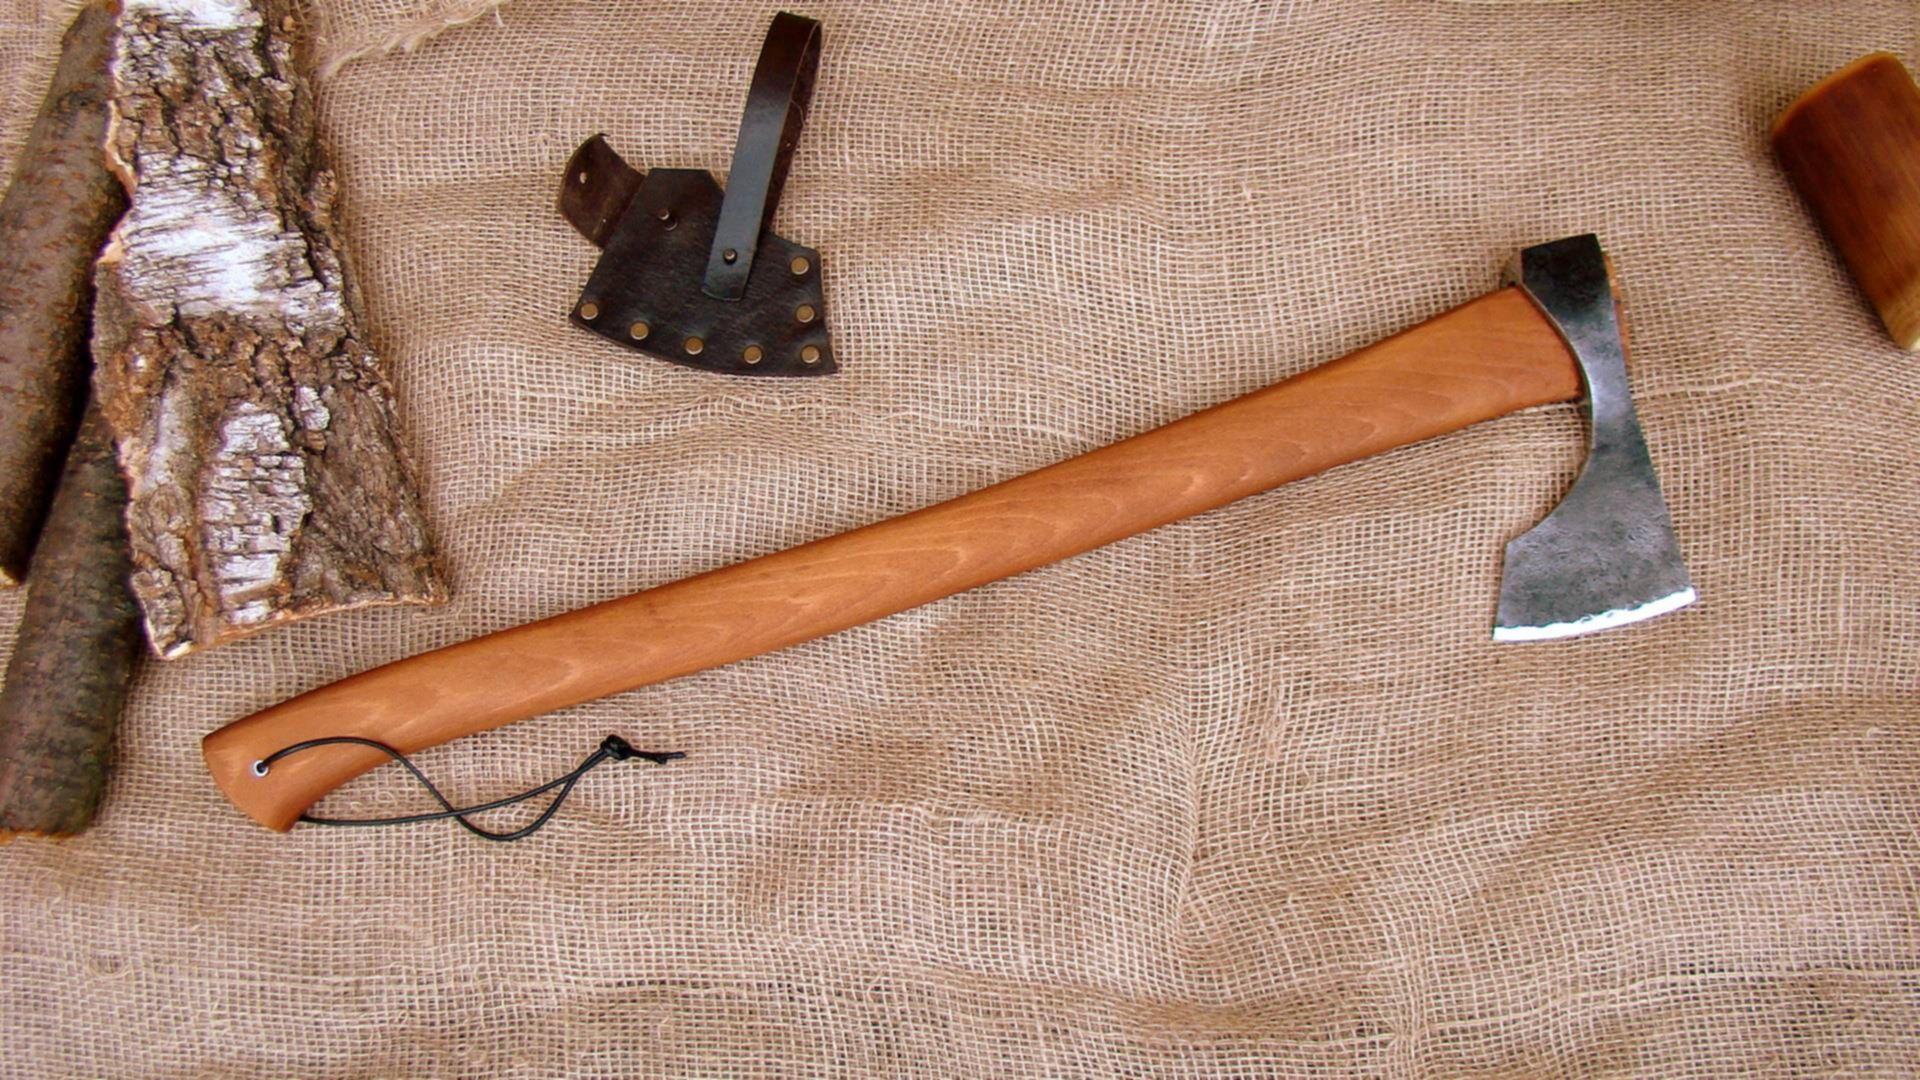 Как сделать топор своими руками из простого топора и других материалов: пошаговая инструкция